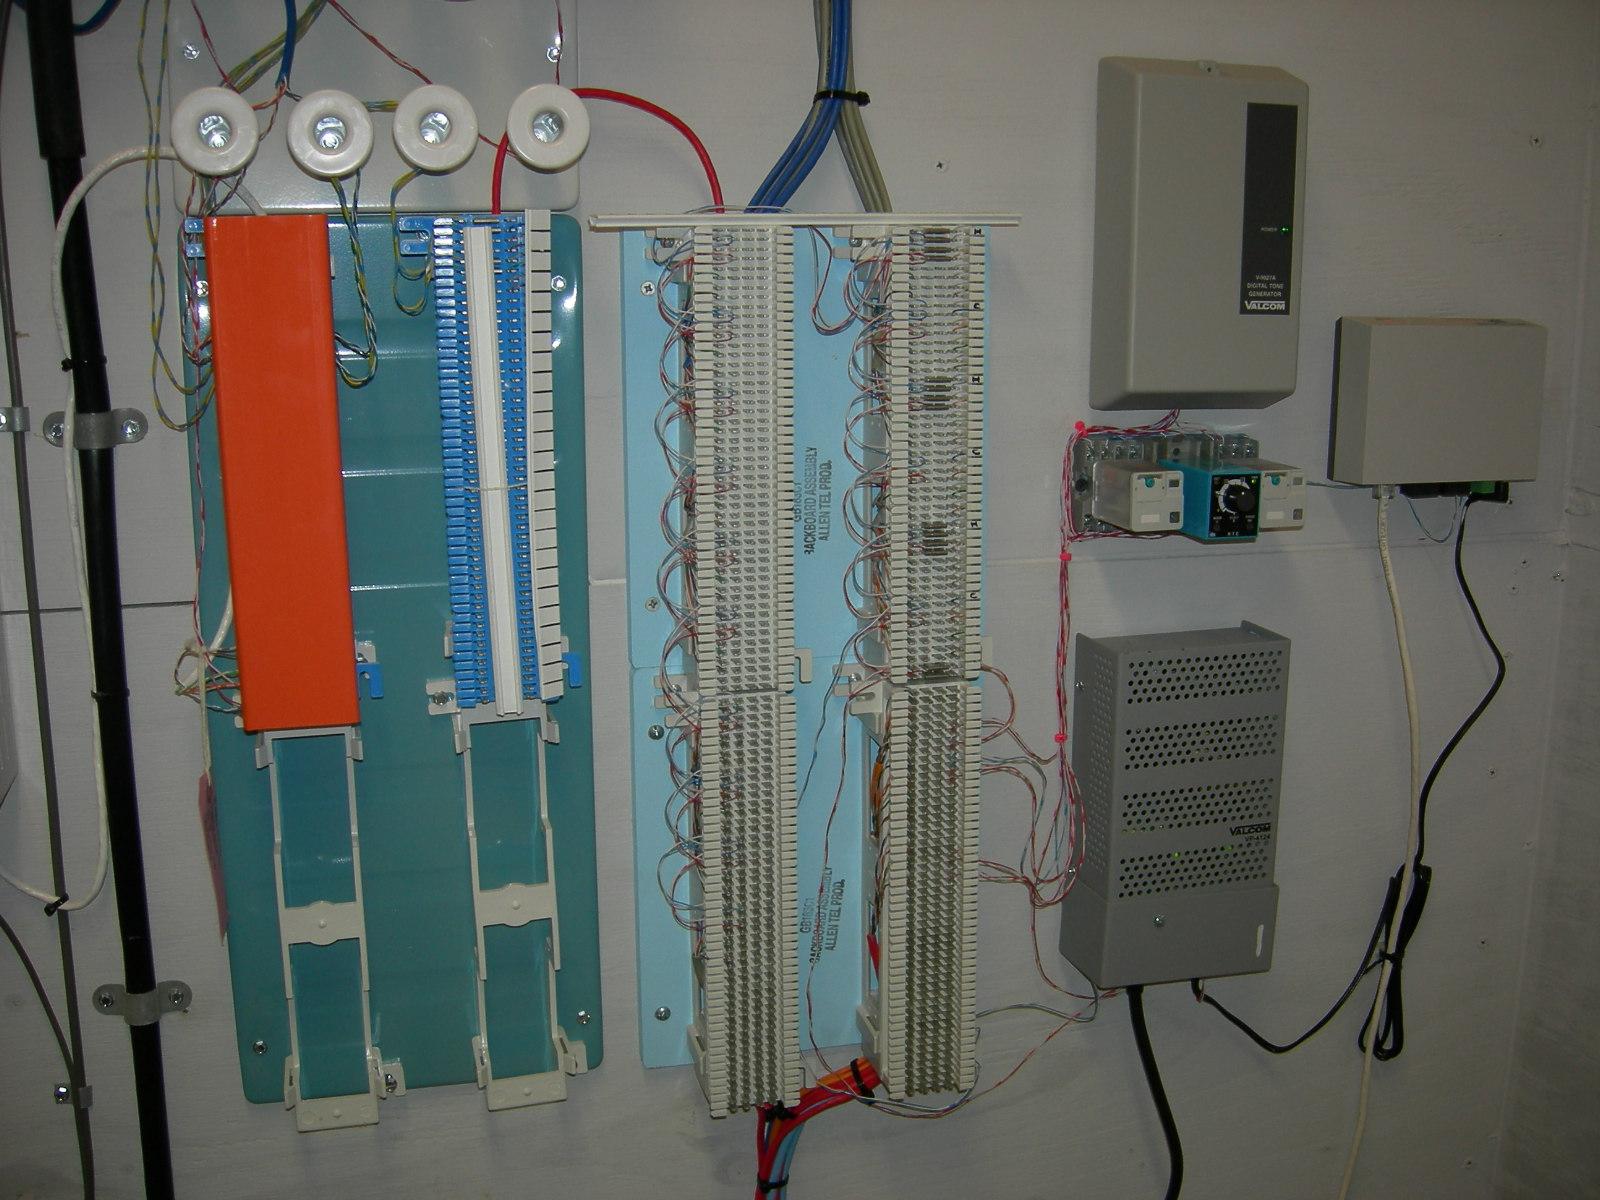 Fire Station Alerting System Design